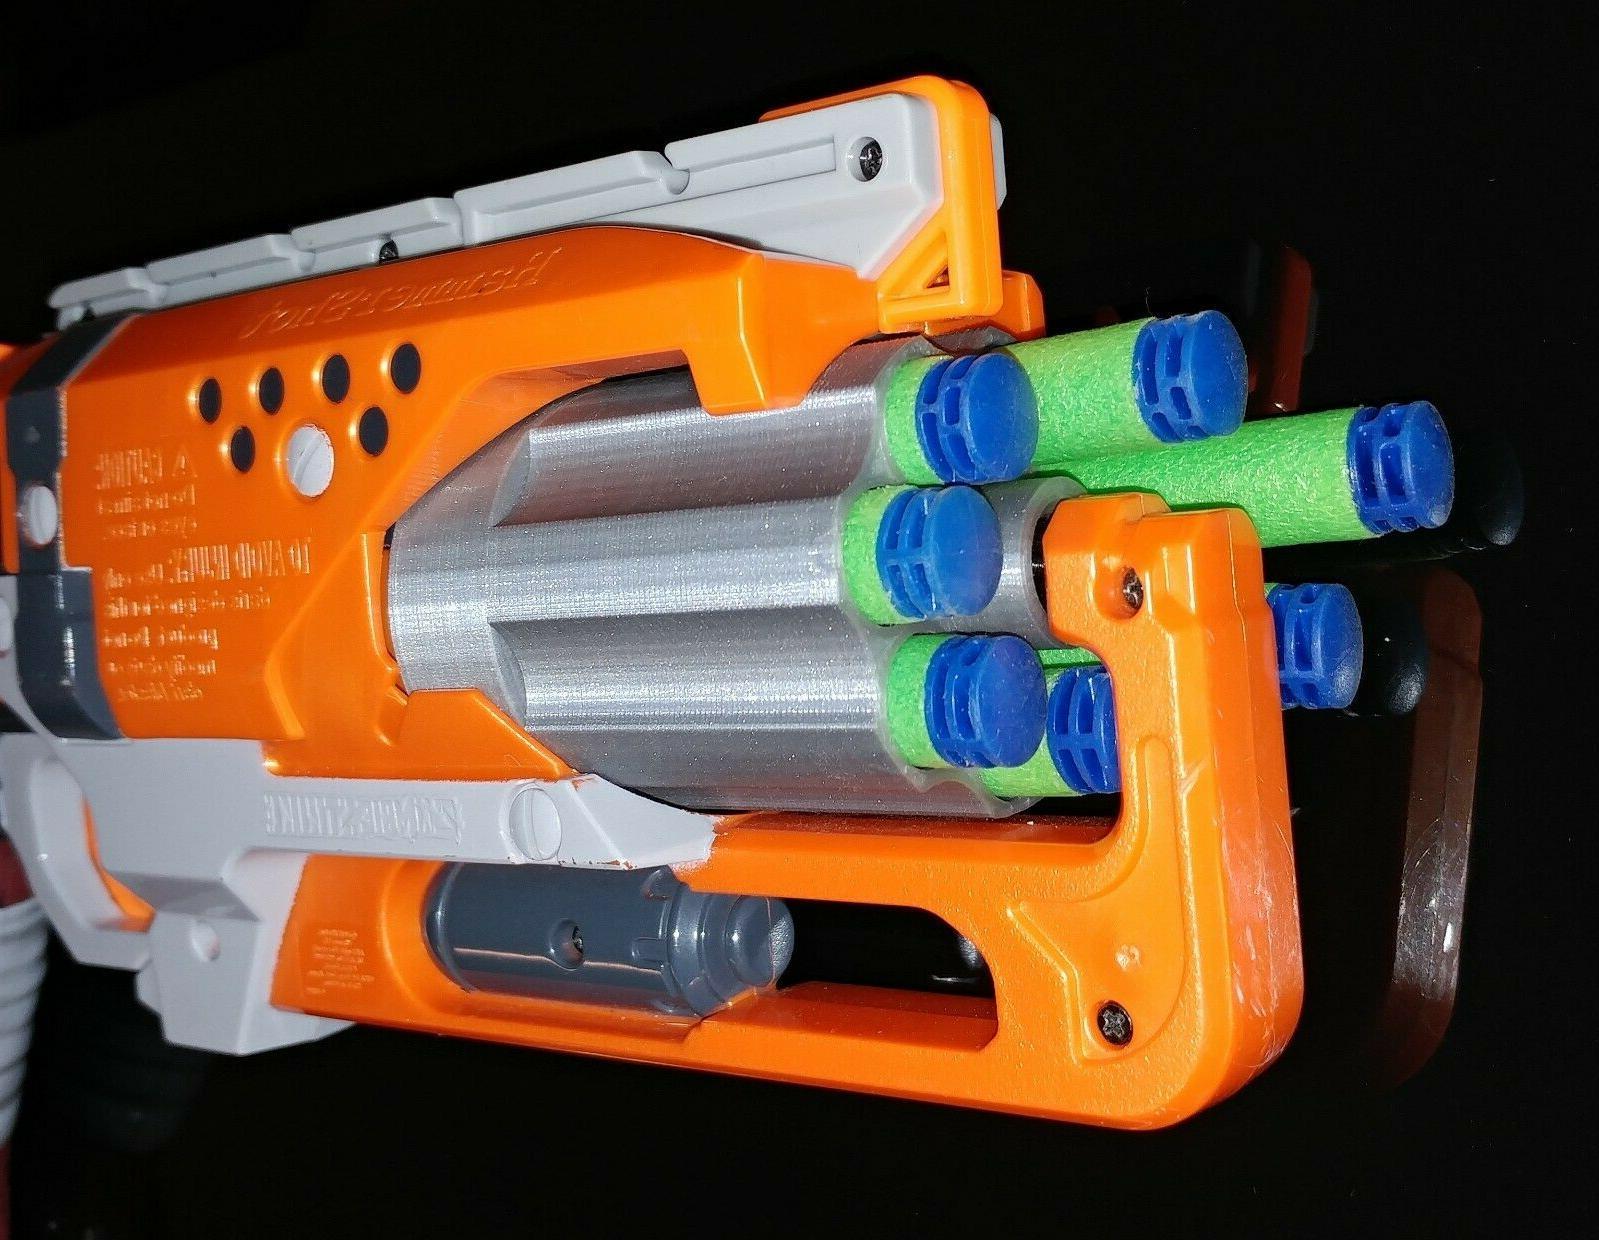 For Hammershot Blaster Cylinder 3D Print Mod Revolver